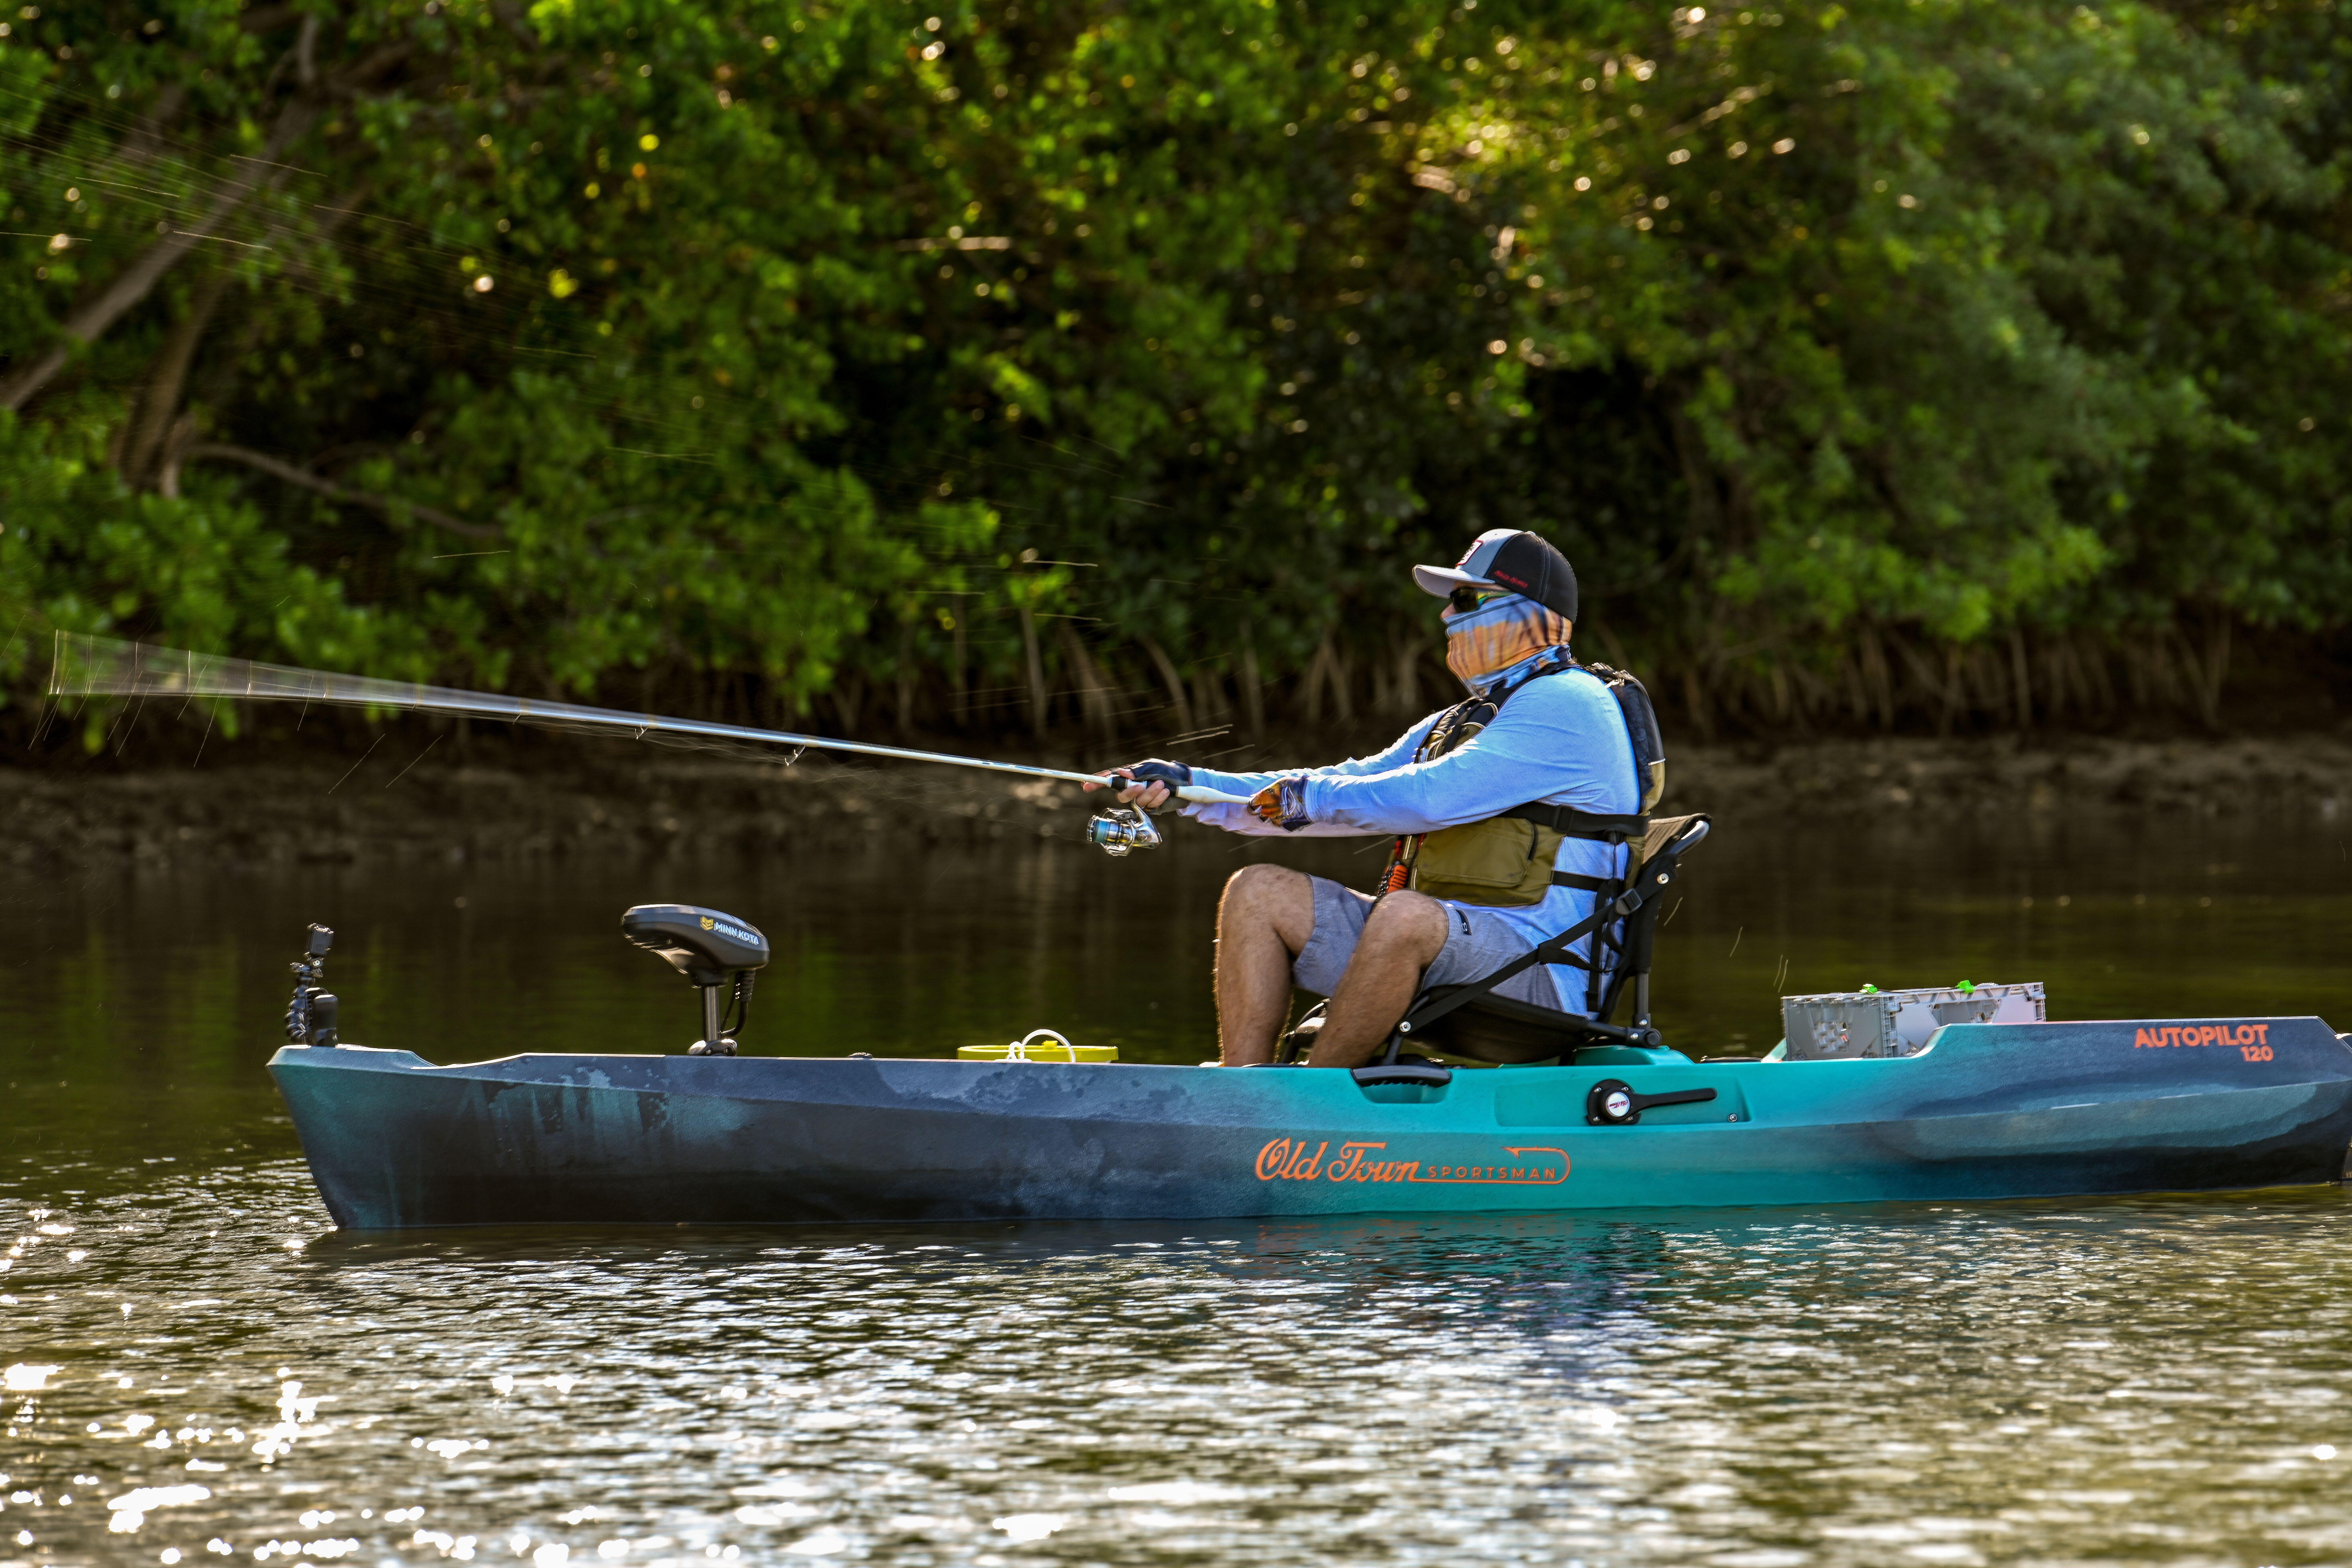 OldTown AutoPilot pedal kayak